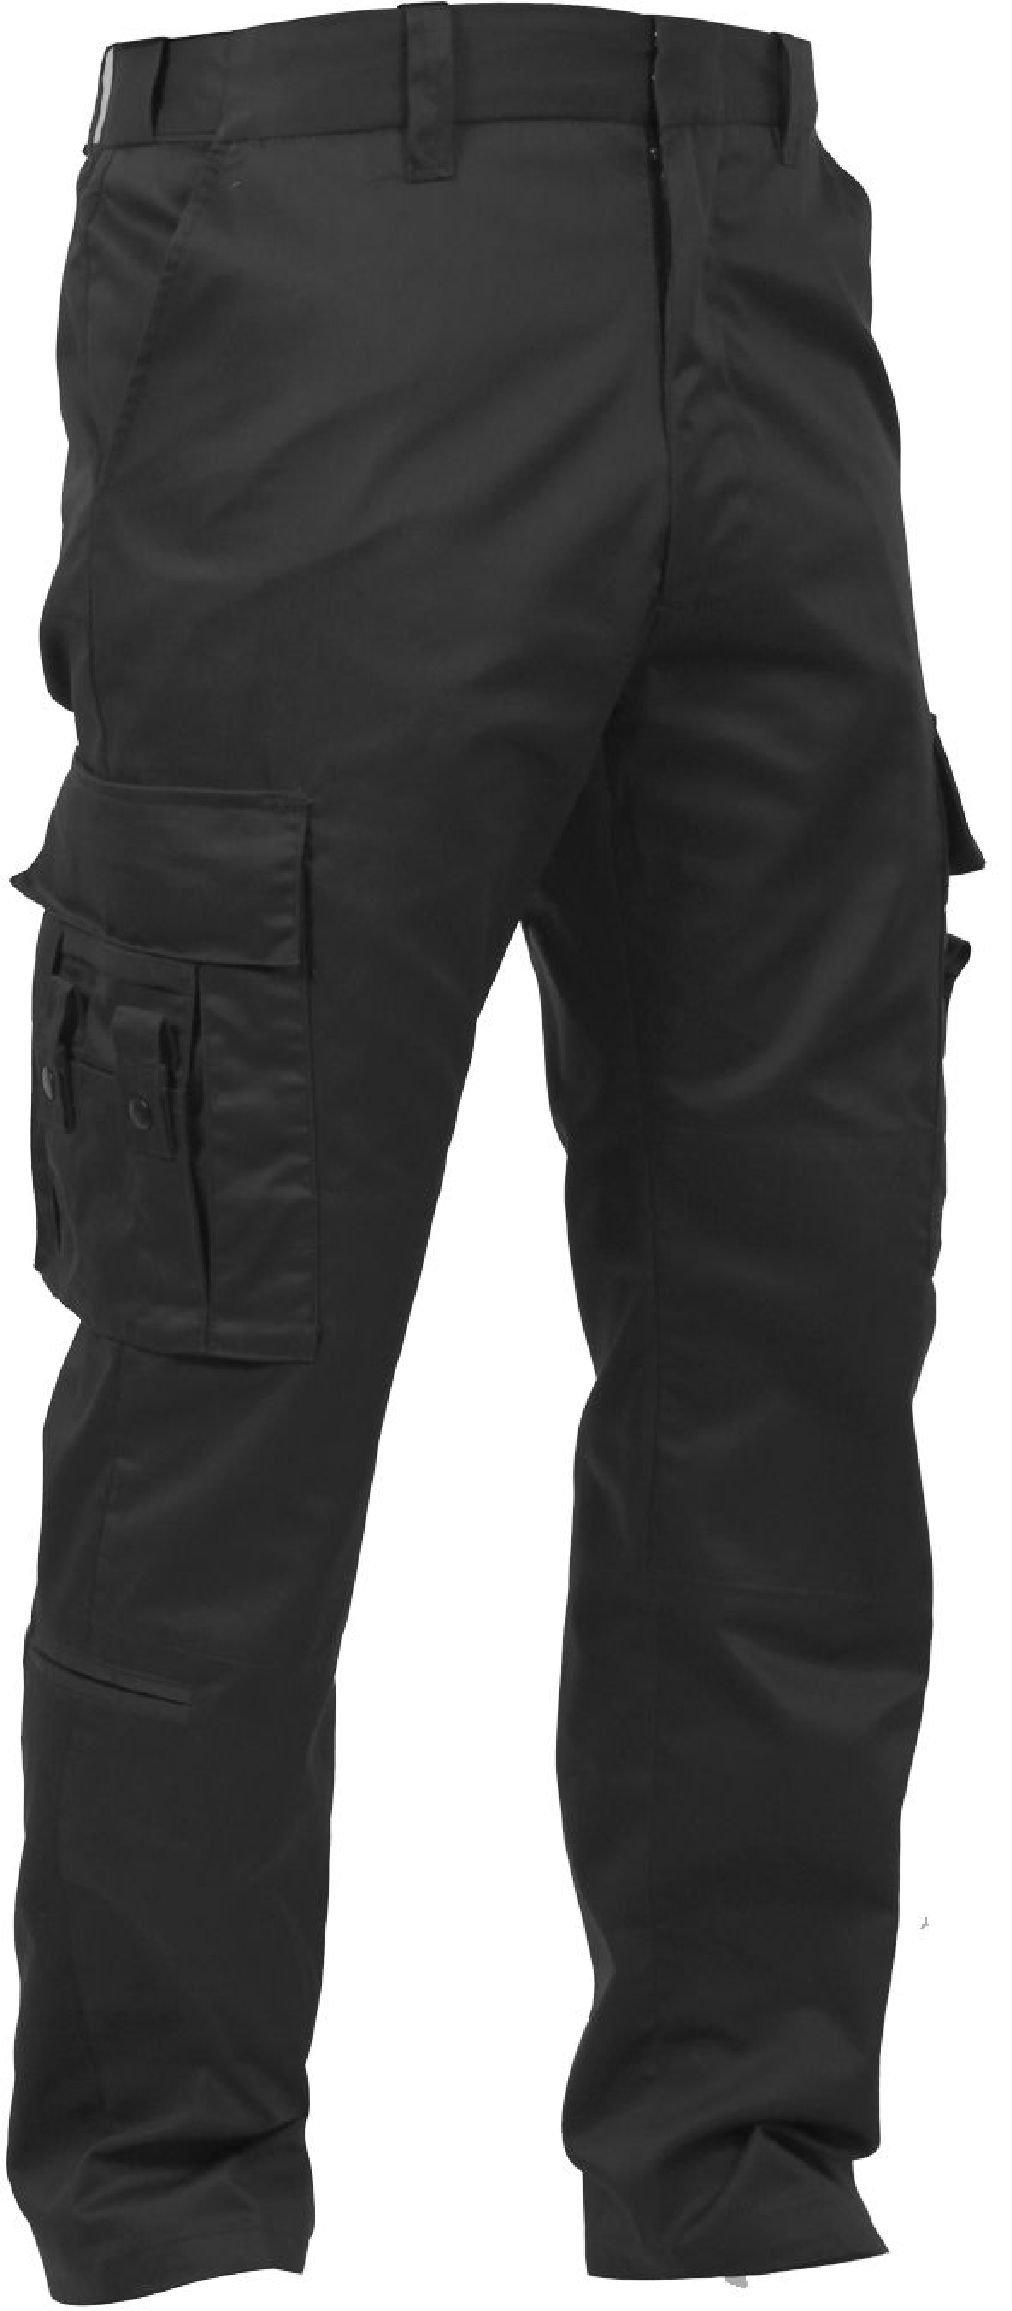 Black Deluxe 16 Pocket Cargo EMT EMS First Responder Paramedic Uniform Pants